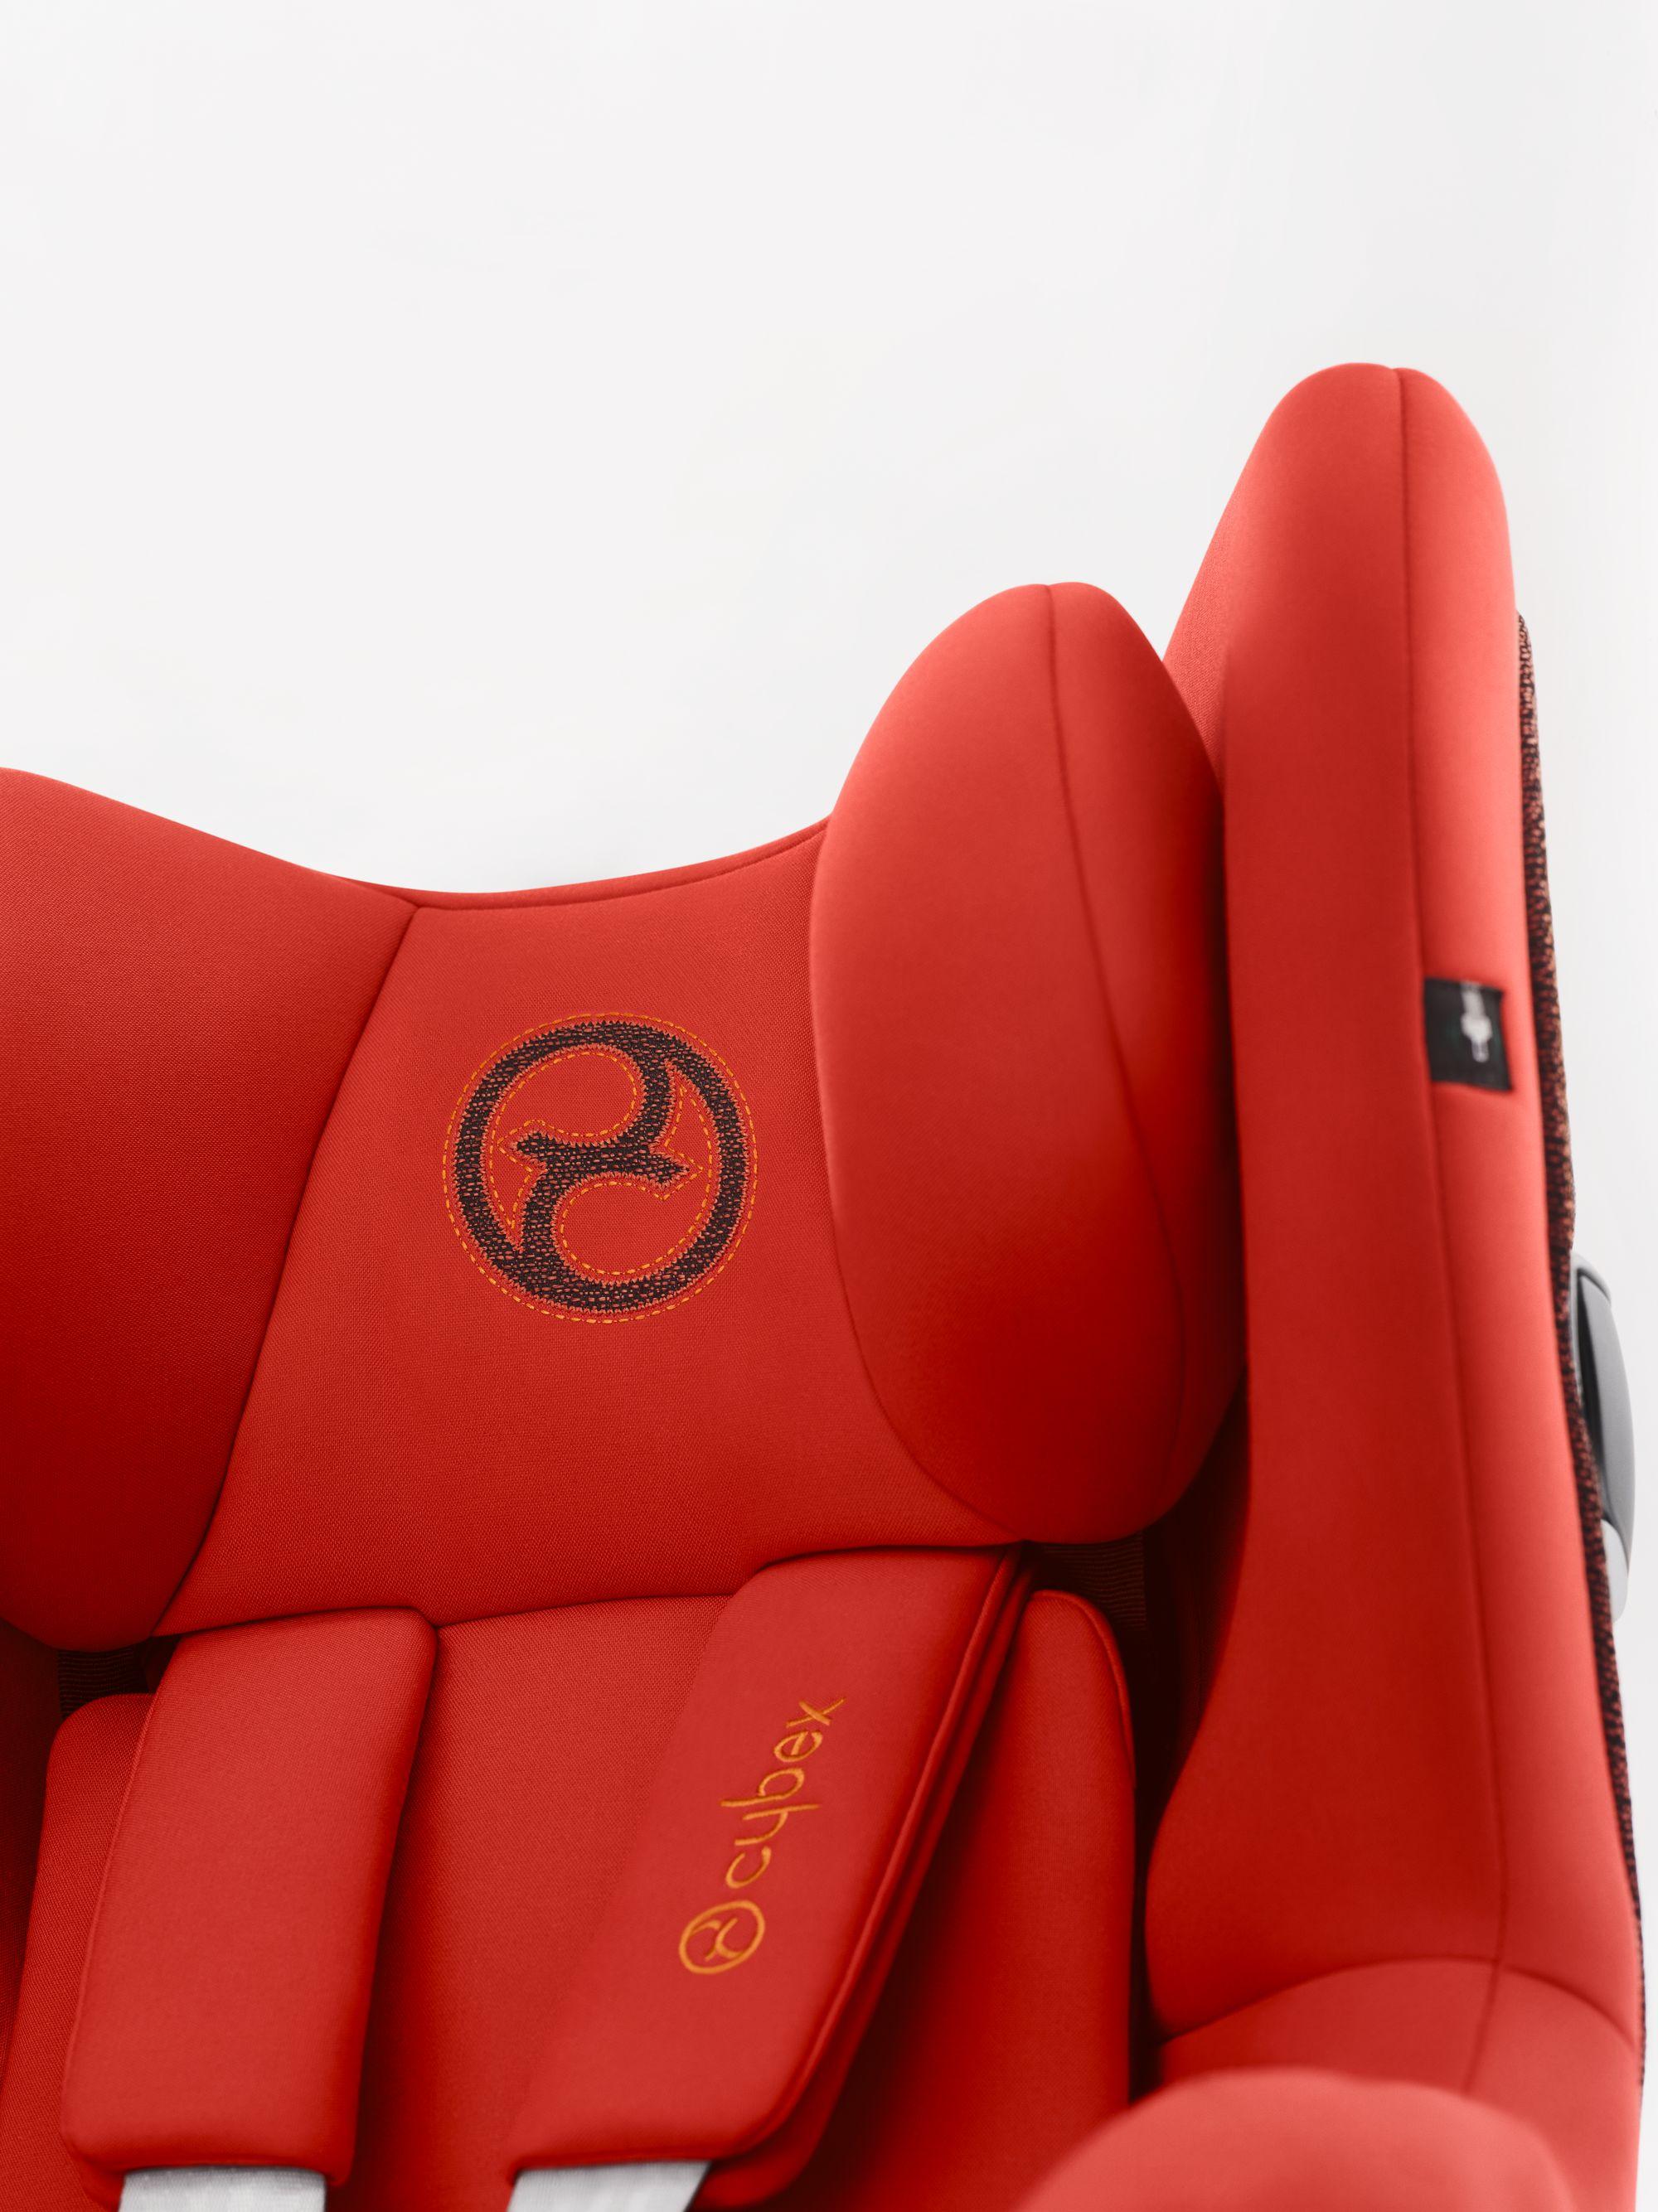 Fotelik samochodowy 0-18 KG Sirona Z I-size z funkcją obrotu 360 stopni firmy Cybex